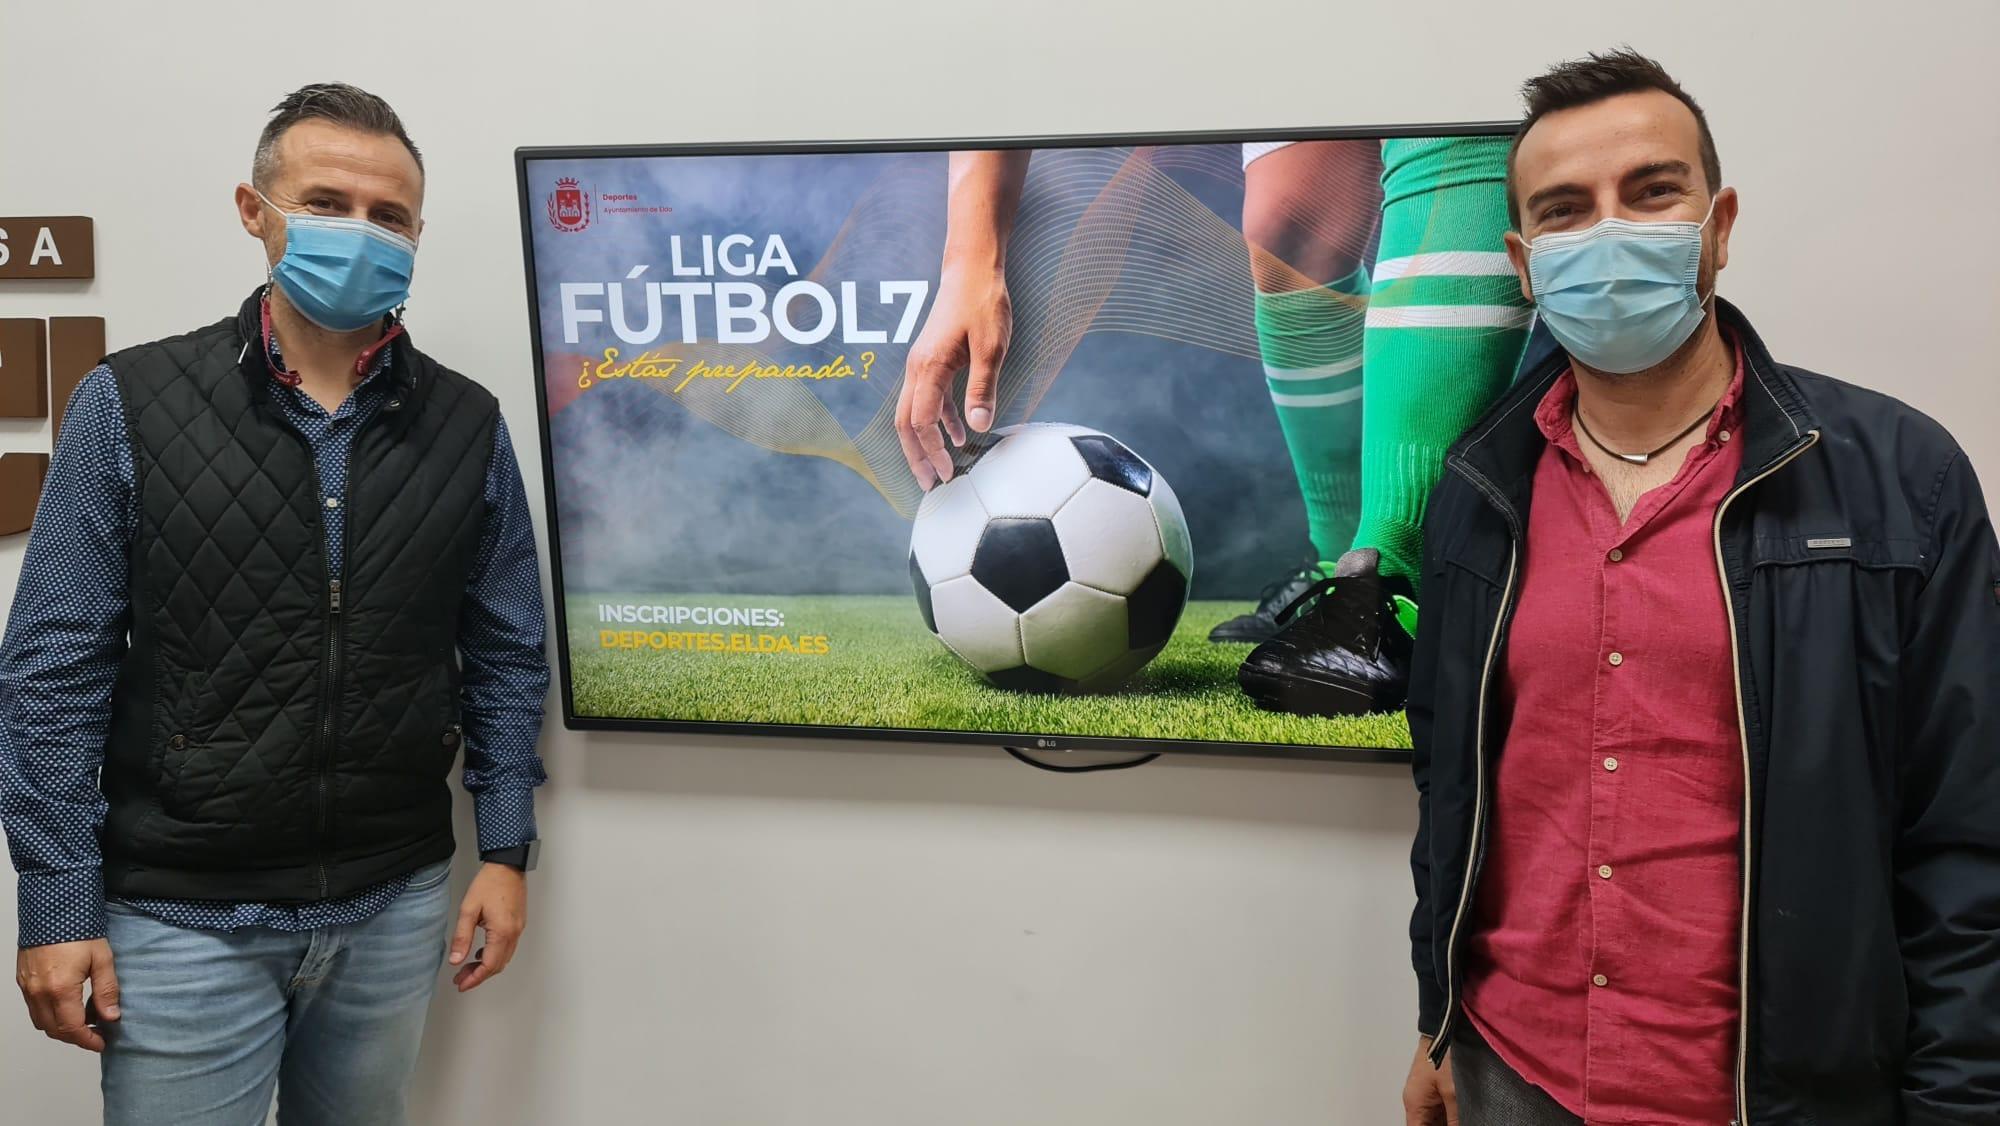 La Liga Local de Fútbol 7 vuelve a escena el 7 de noviembre con la participación de 16 equipos